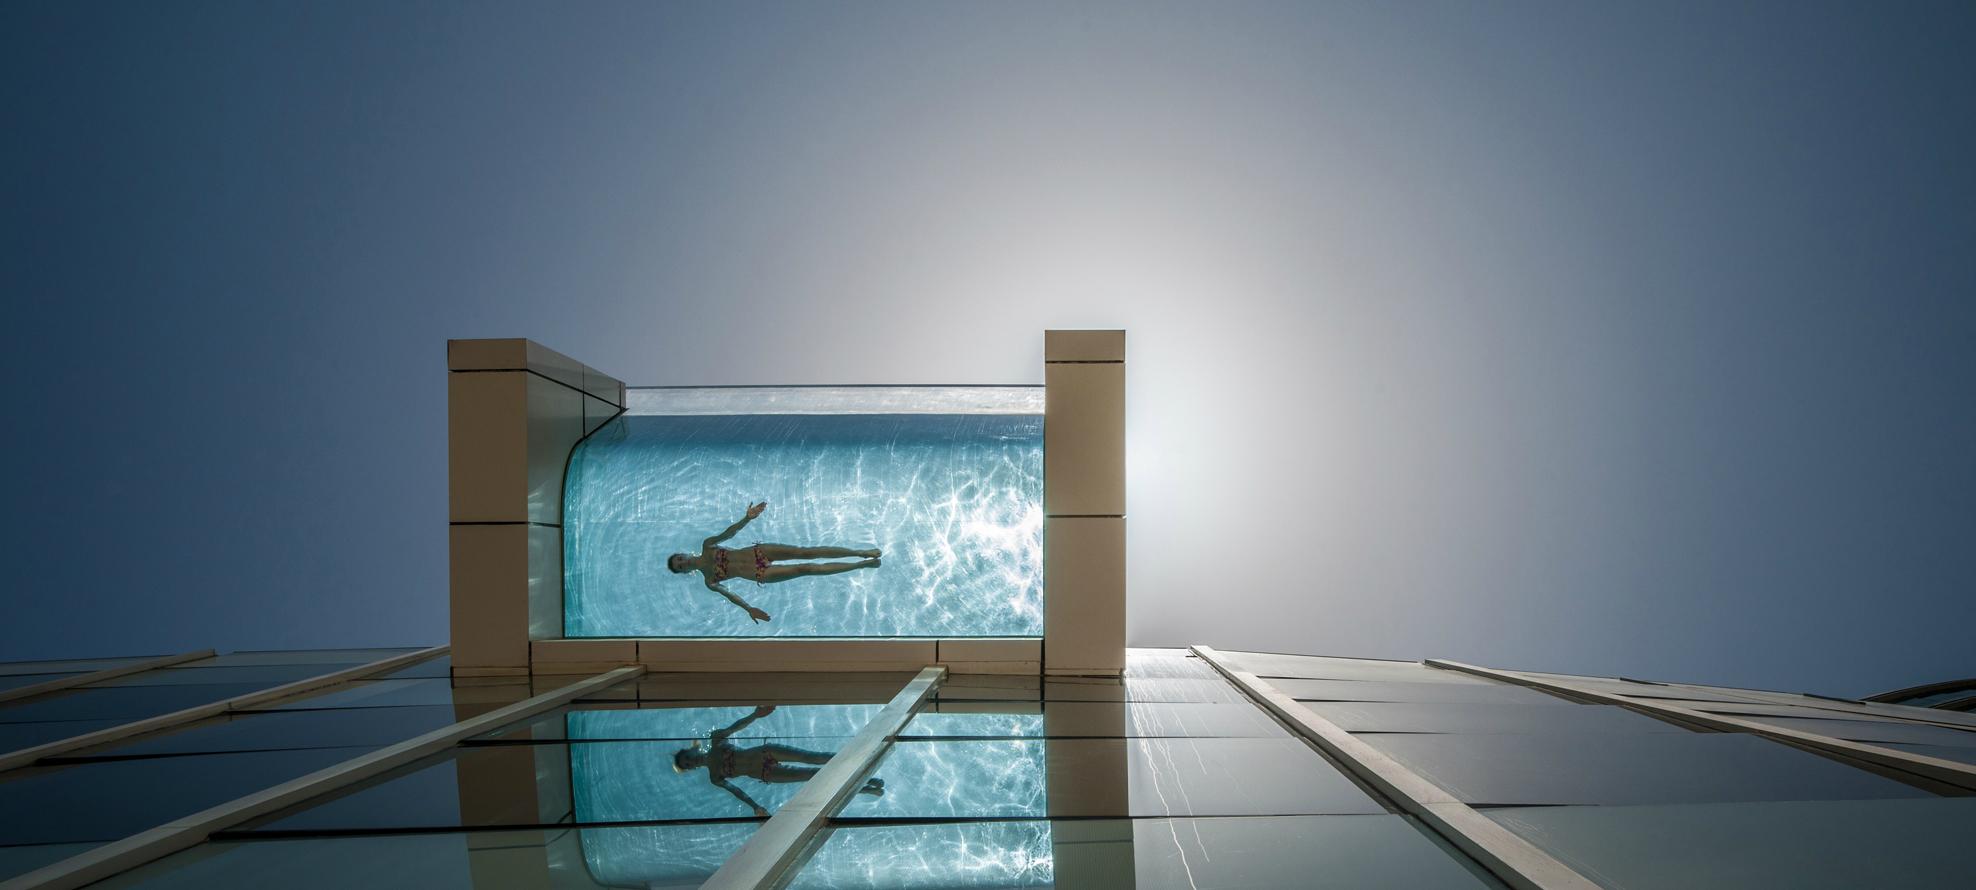 Si eres envidioso no mires estas fotos 14 piscinas for Que cuesta hacer una piscina